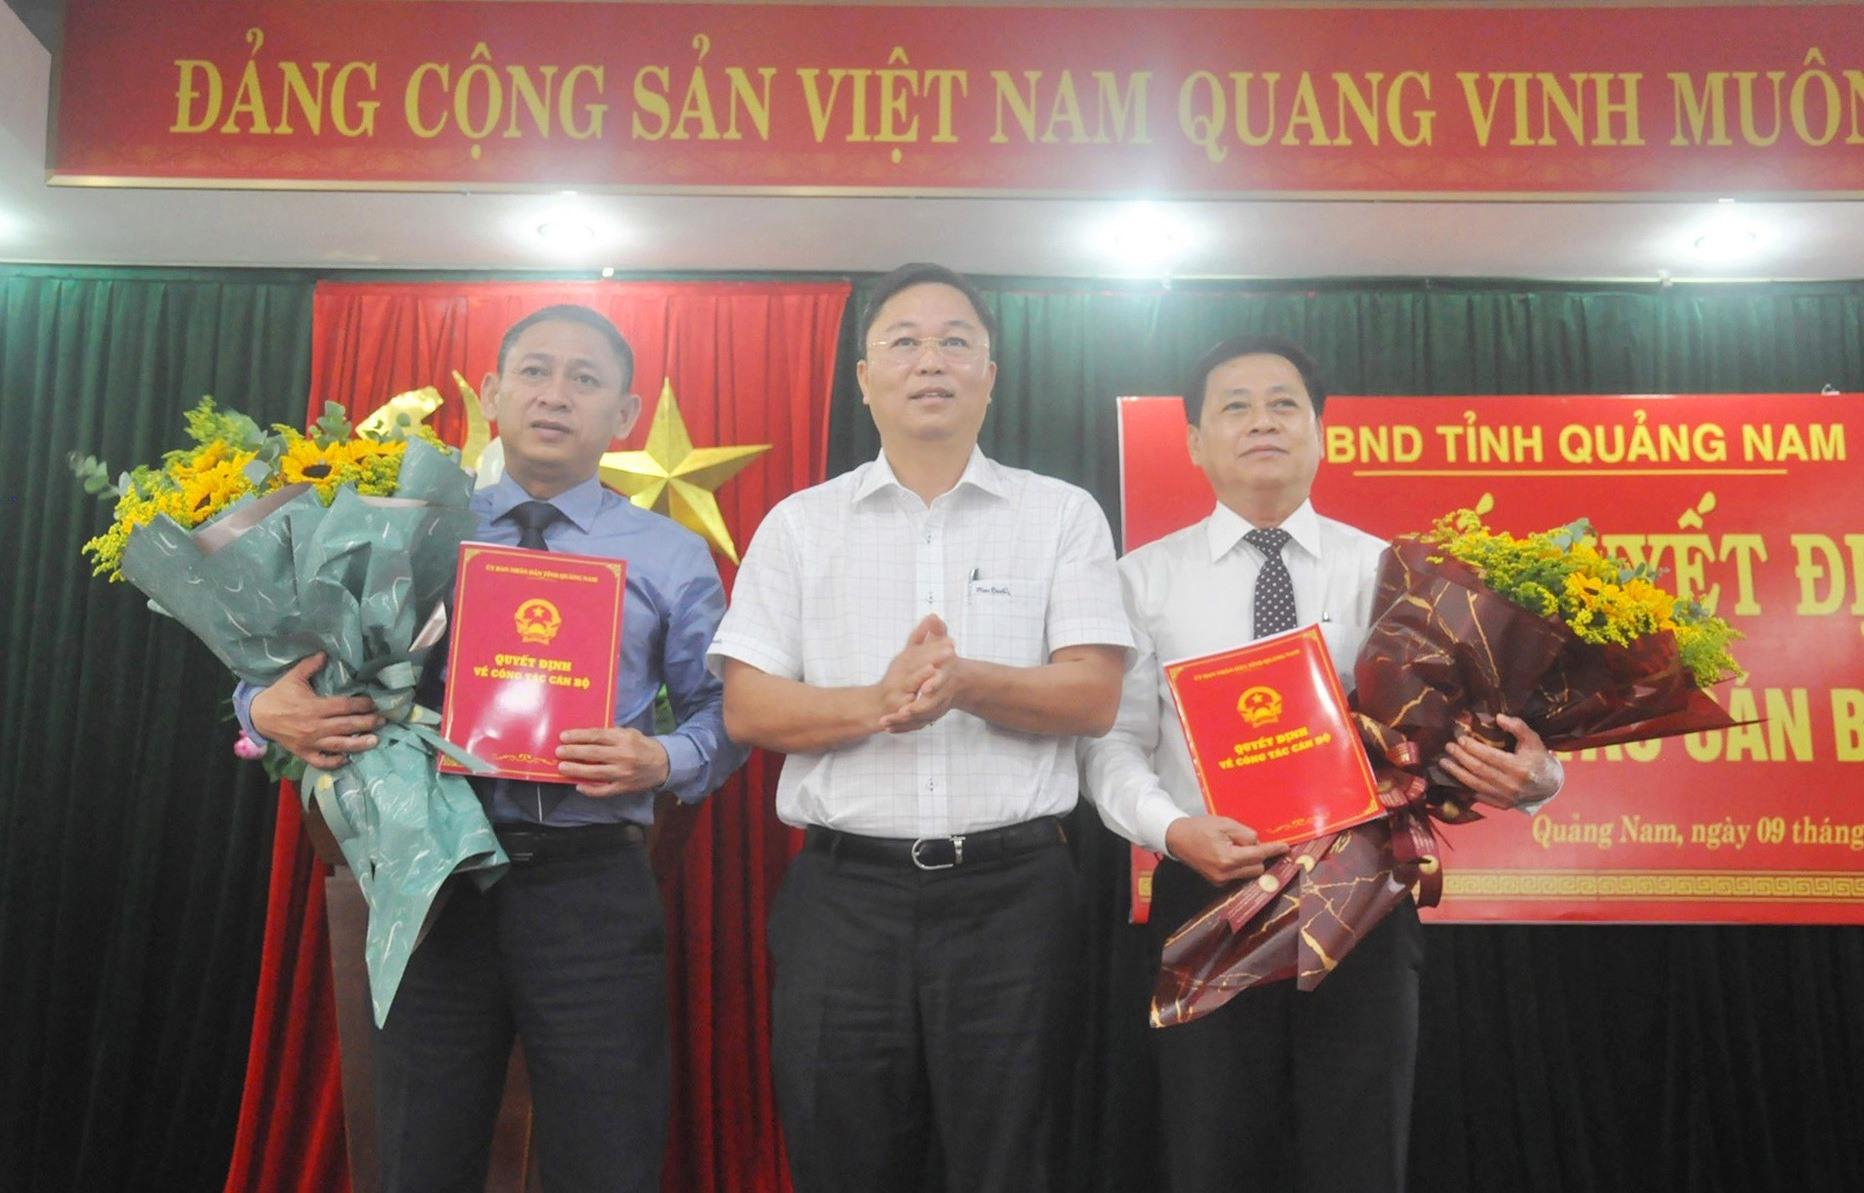 Quảng Nam điều động và bổ nhiệm 3 Giám đốc Sở - Ảnh 1.